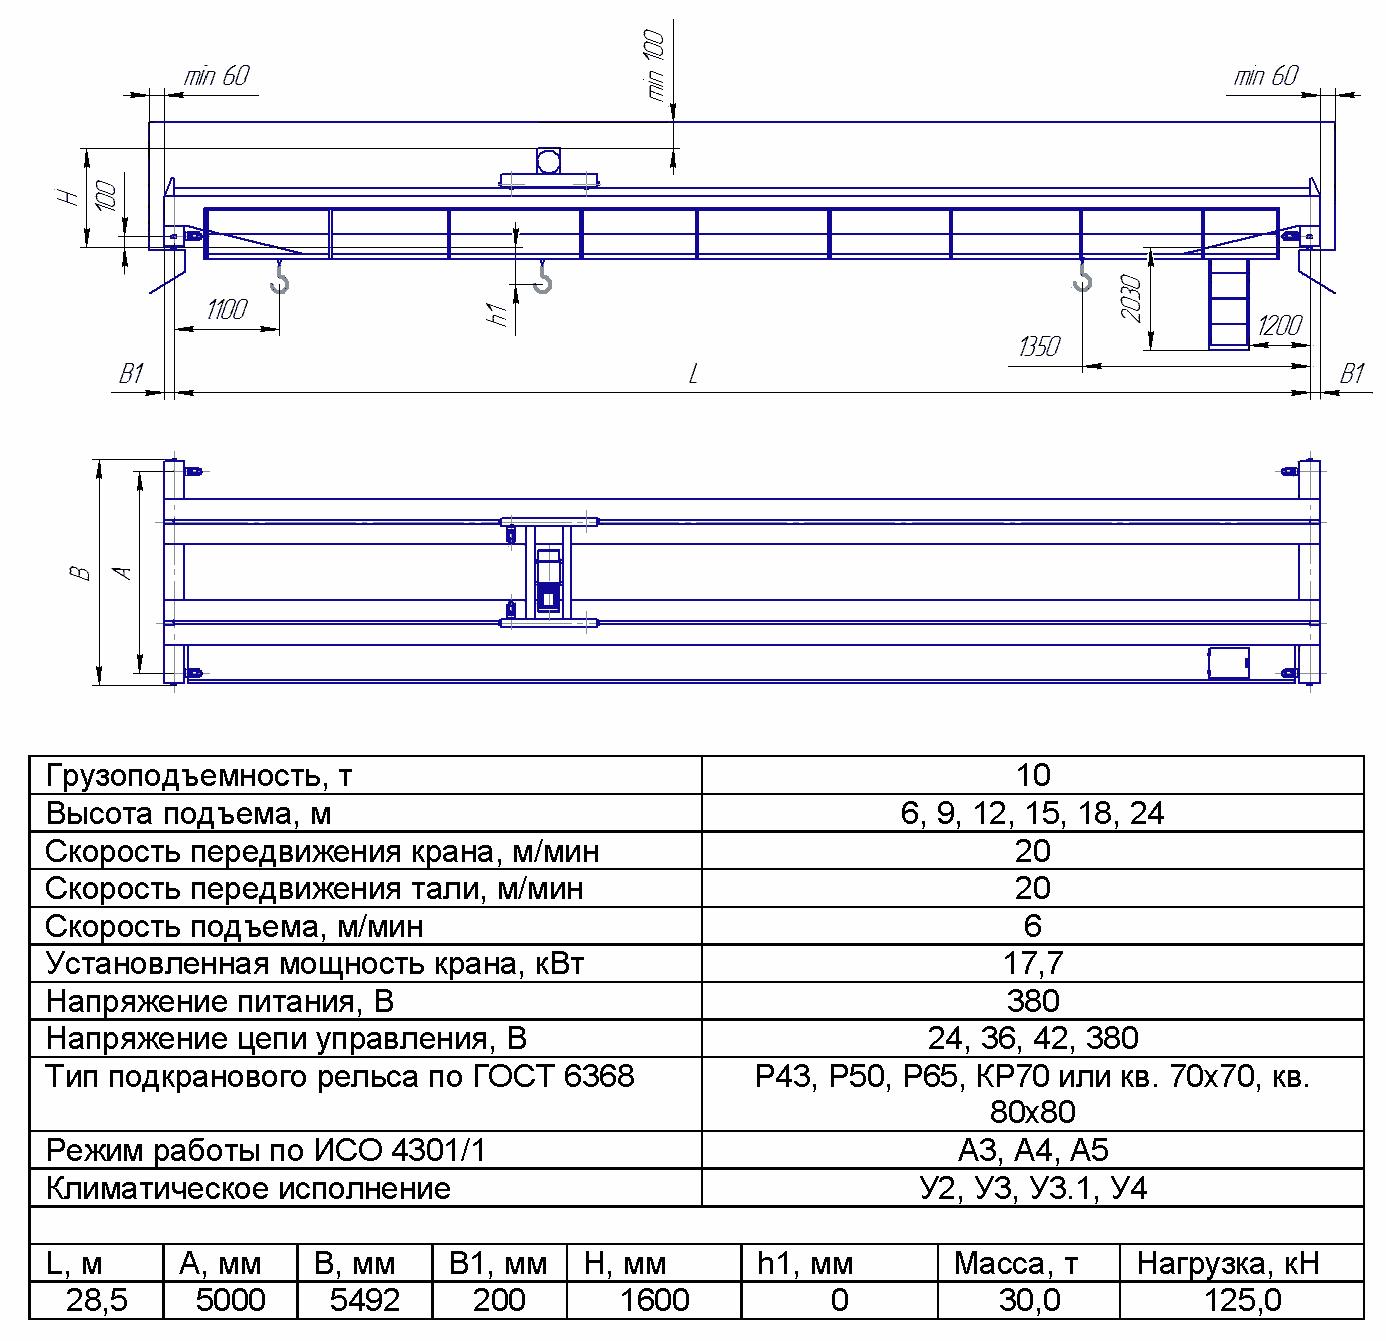 KMON 2 7 - Опорный мостовой кран общего назначения